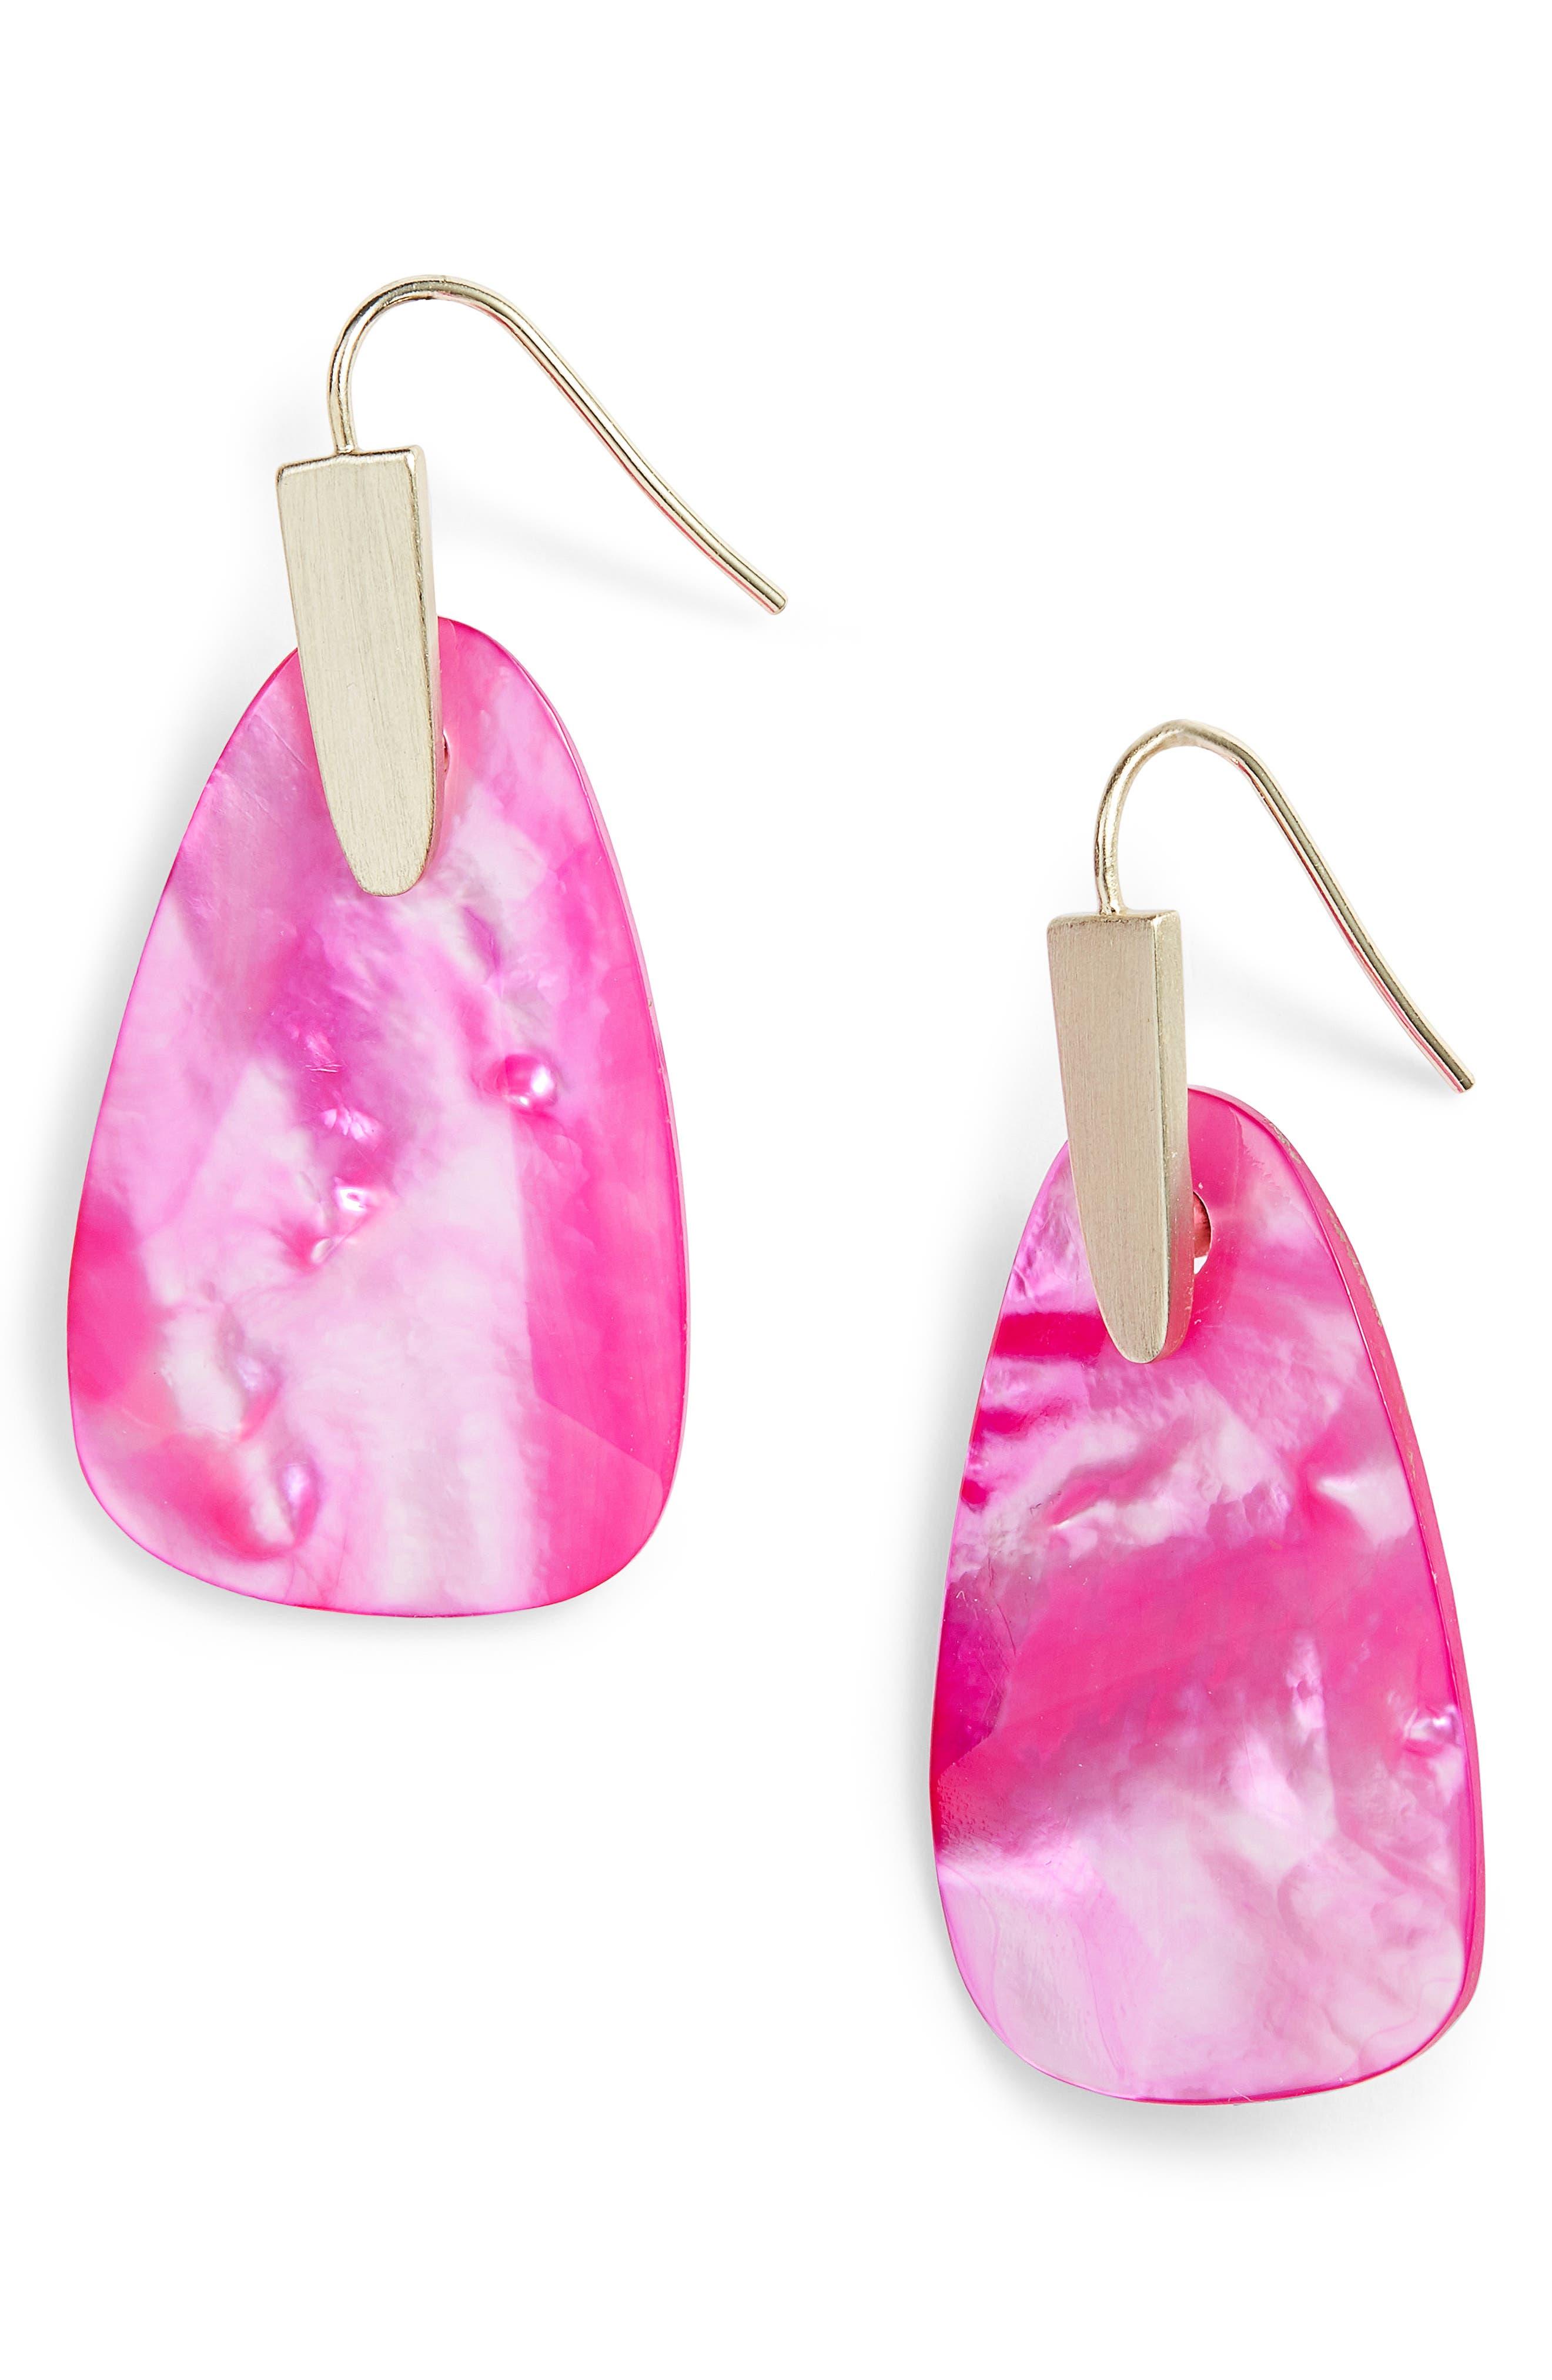 Kendra Scott Marty Stone Earrings